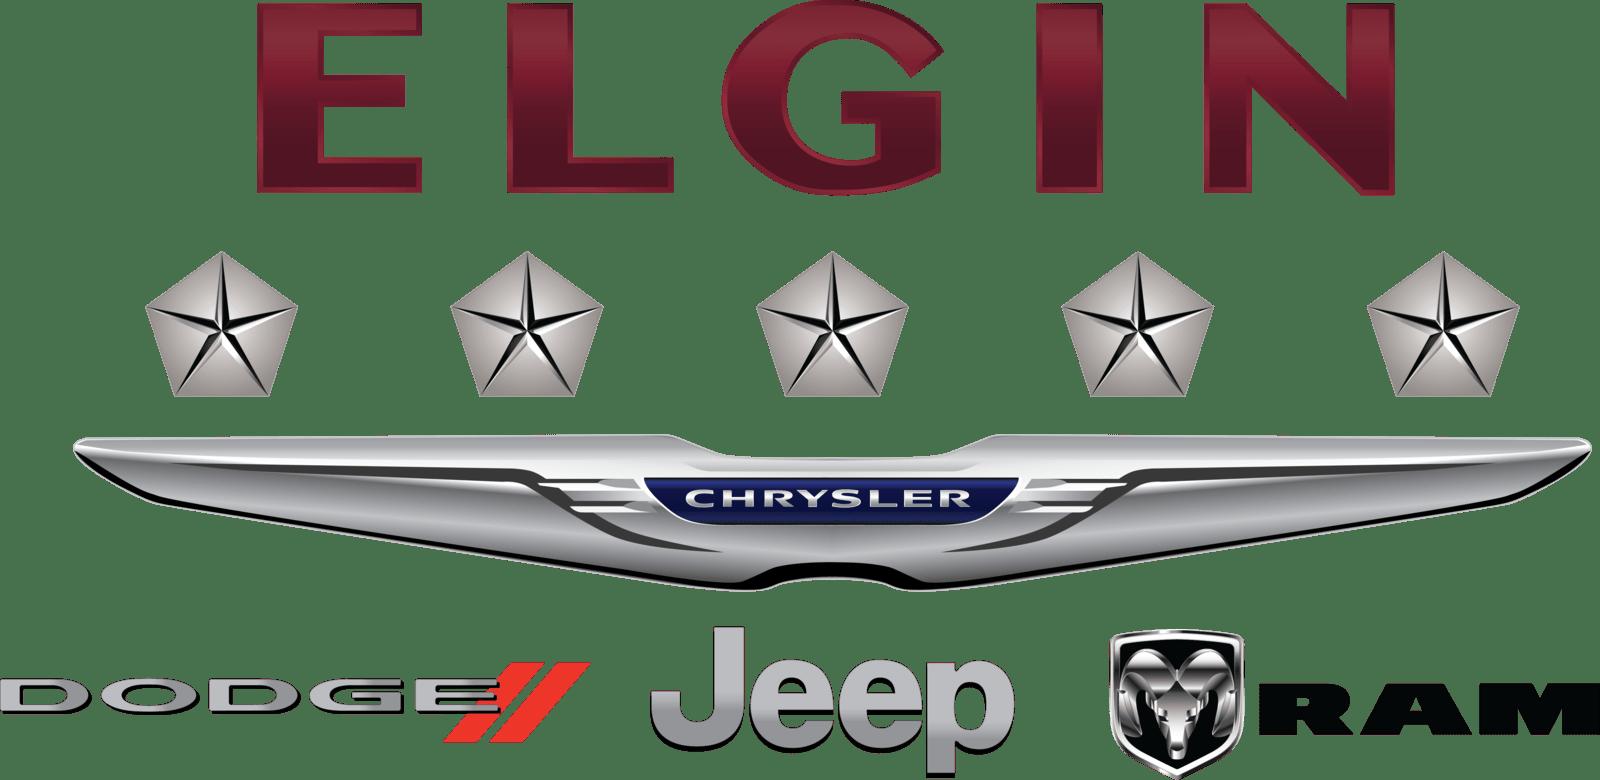 New Dodge Jeep Chrysler Ram U0026 Used Car Dealer In St Thomas ON Elgin  Chrysler Ltd